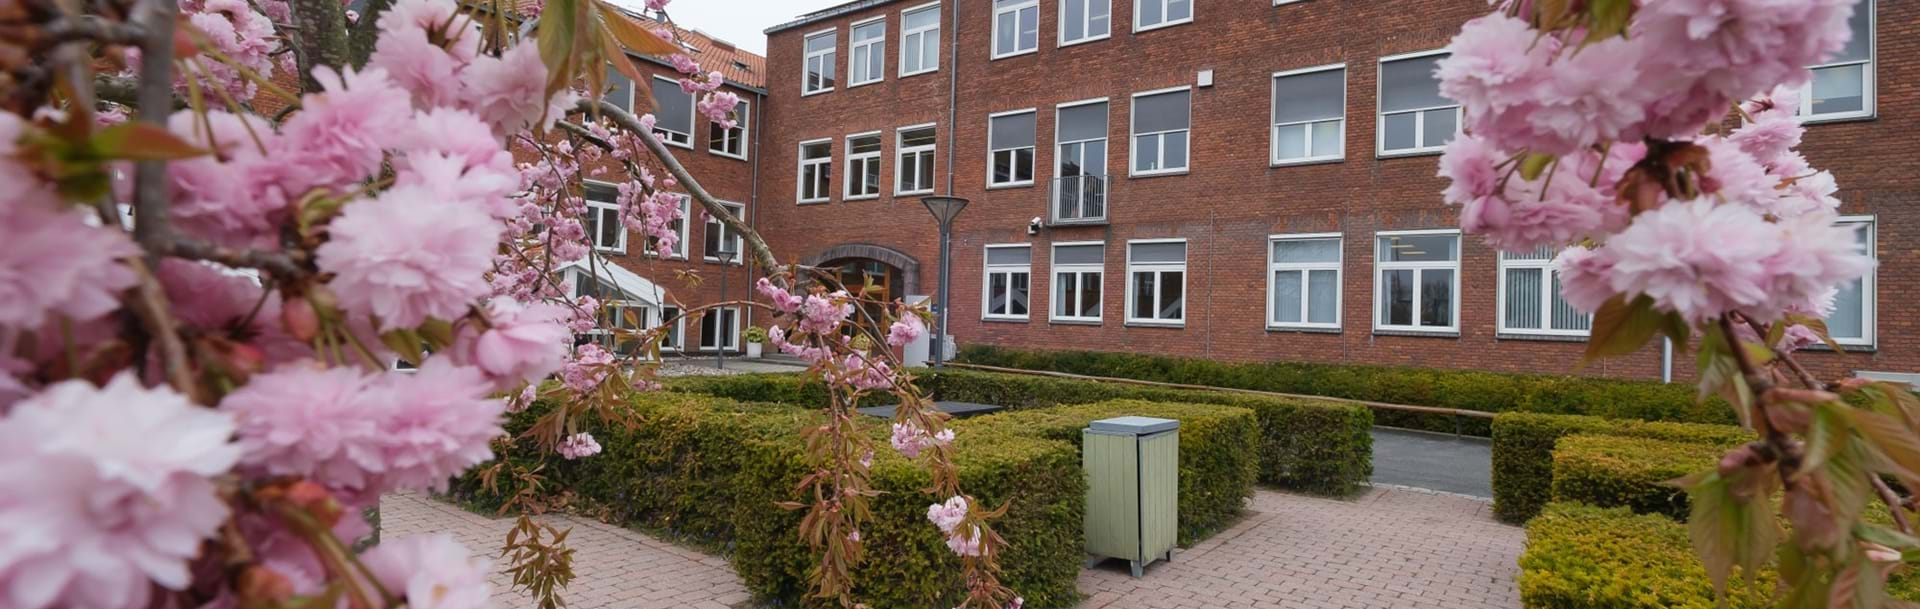 Nykøbing Katedralskole i baggrunden og lyserøde blomster på busk i forgrunden